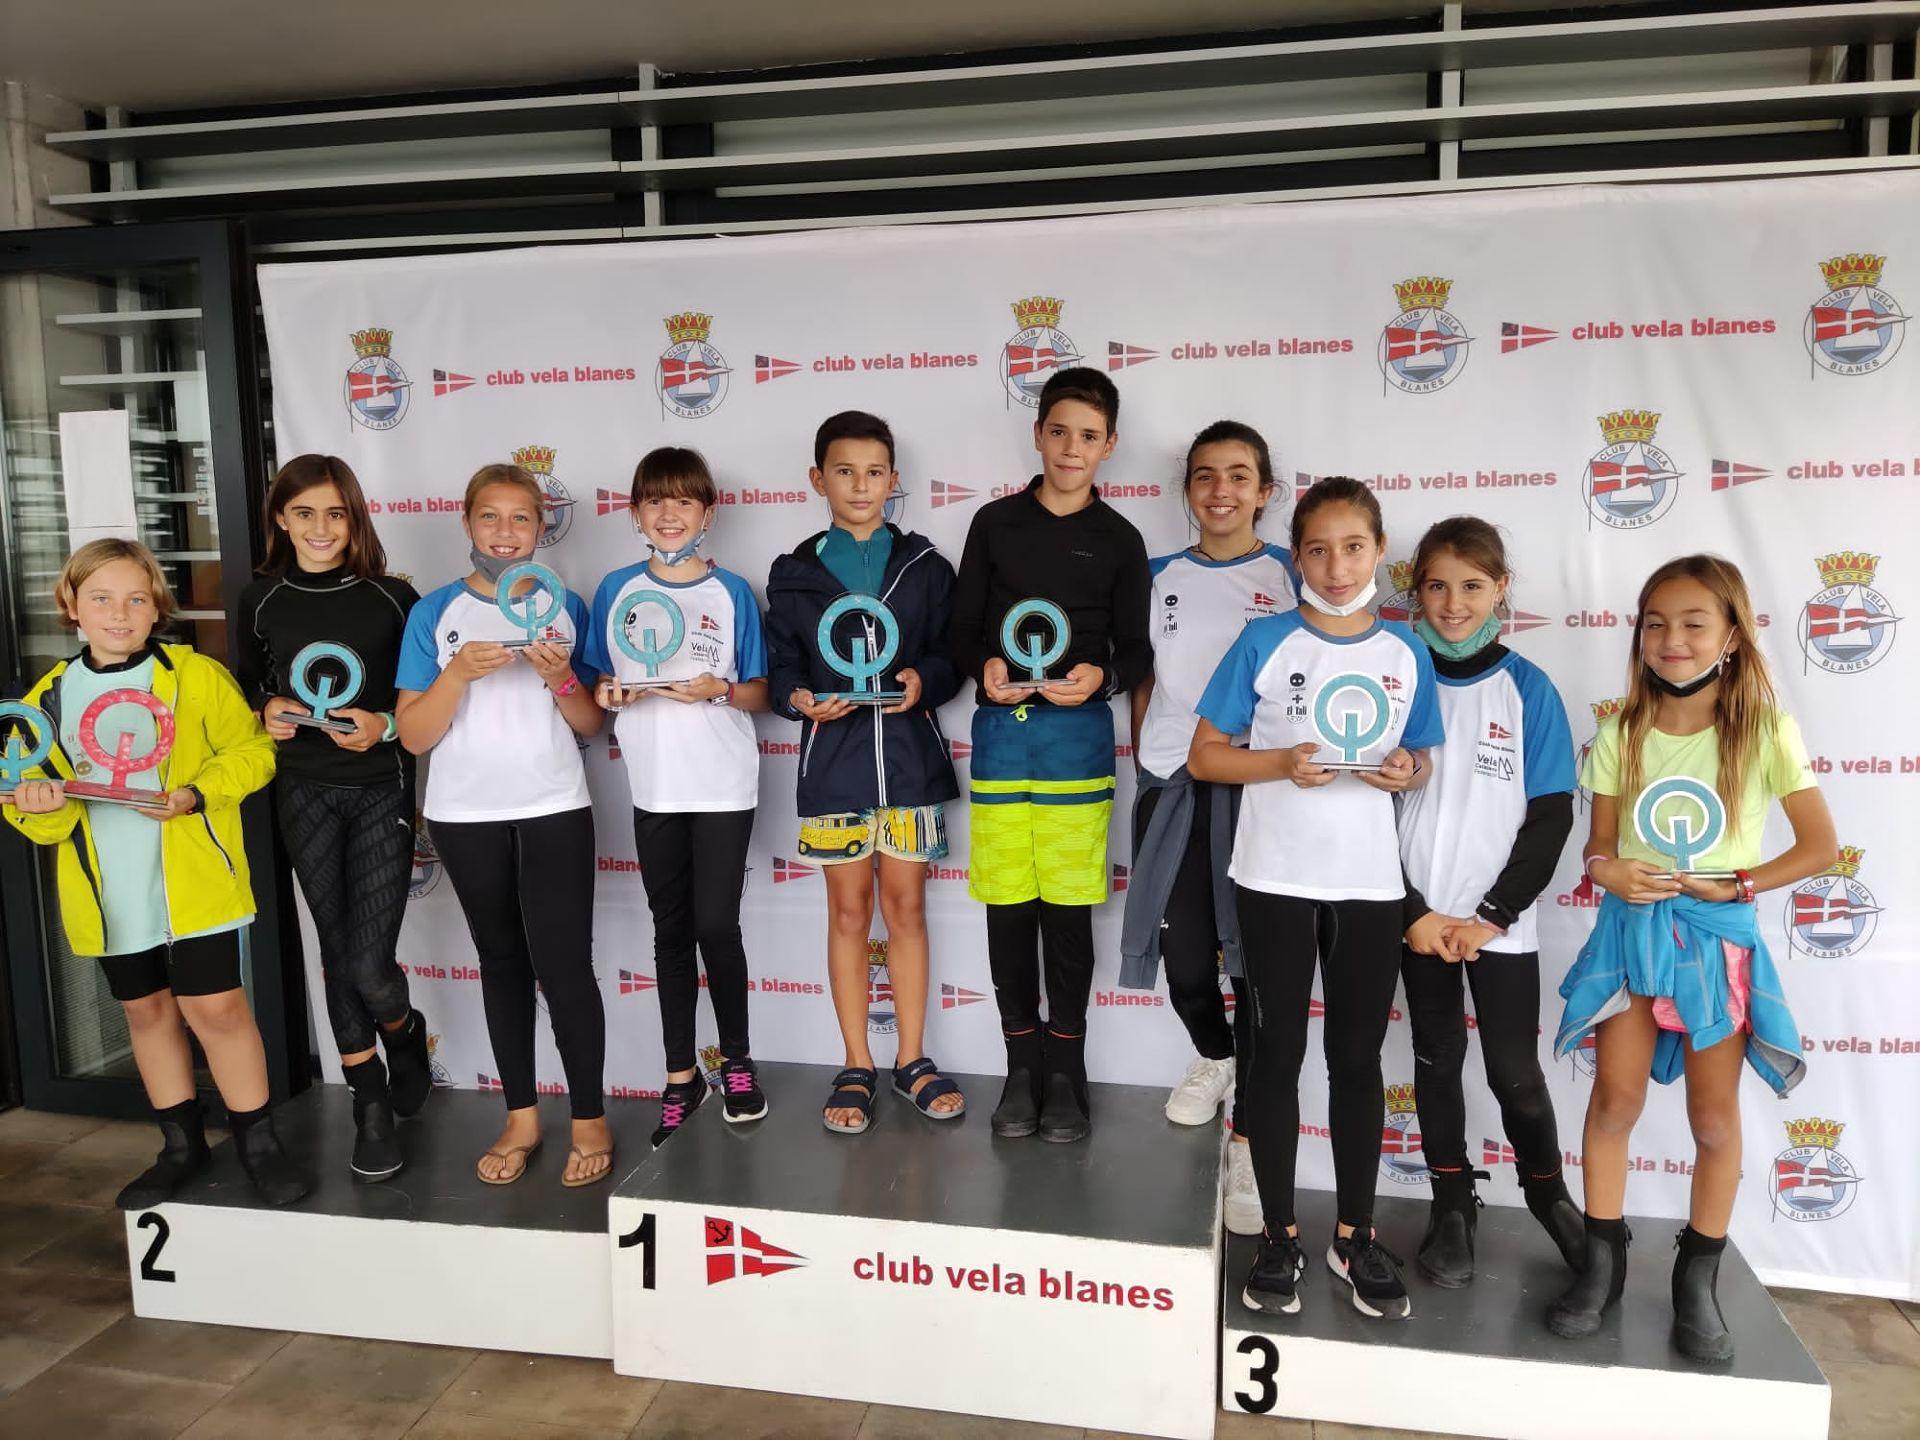 L'Equip de la classe Optimist i els integrants de l'Escola de Vela participen en un Trofeu Tardor N3 entre amics.